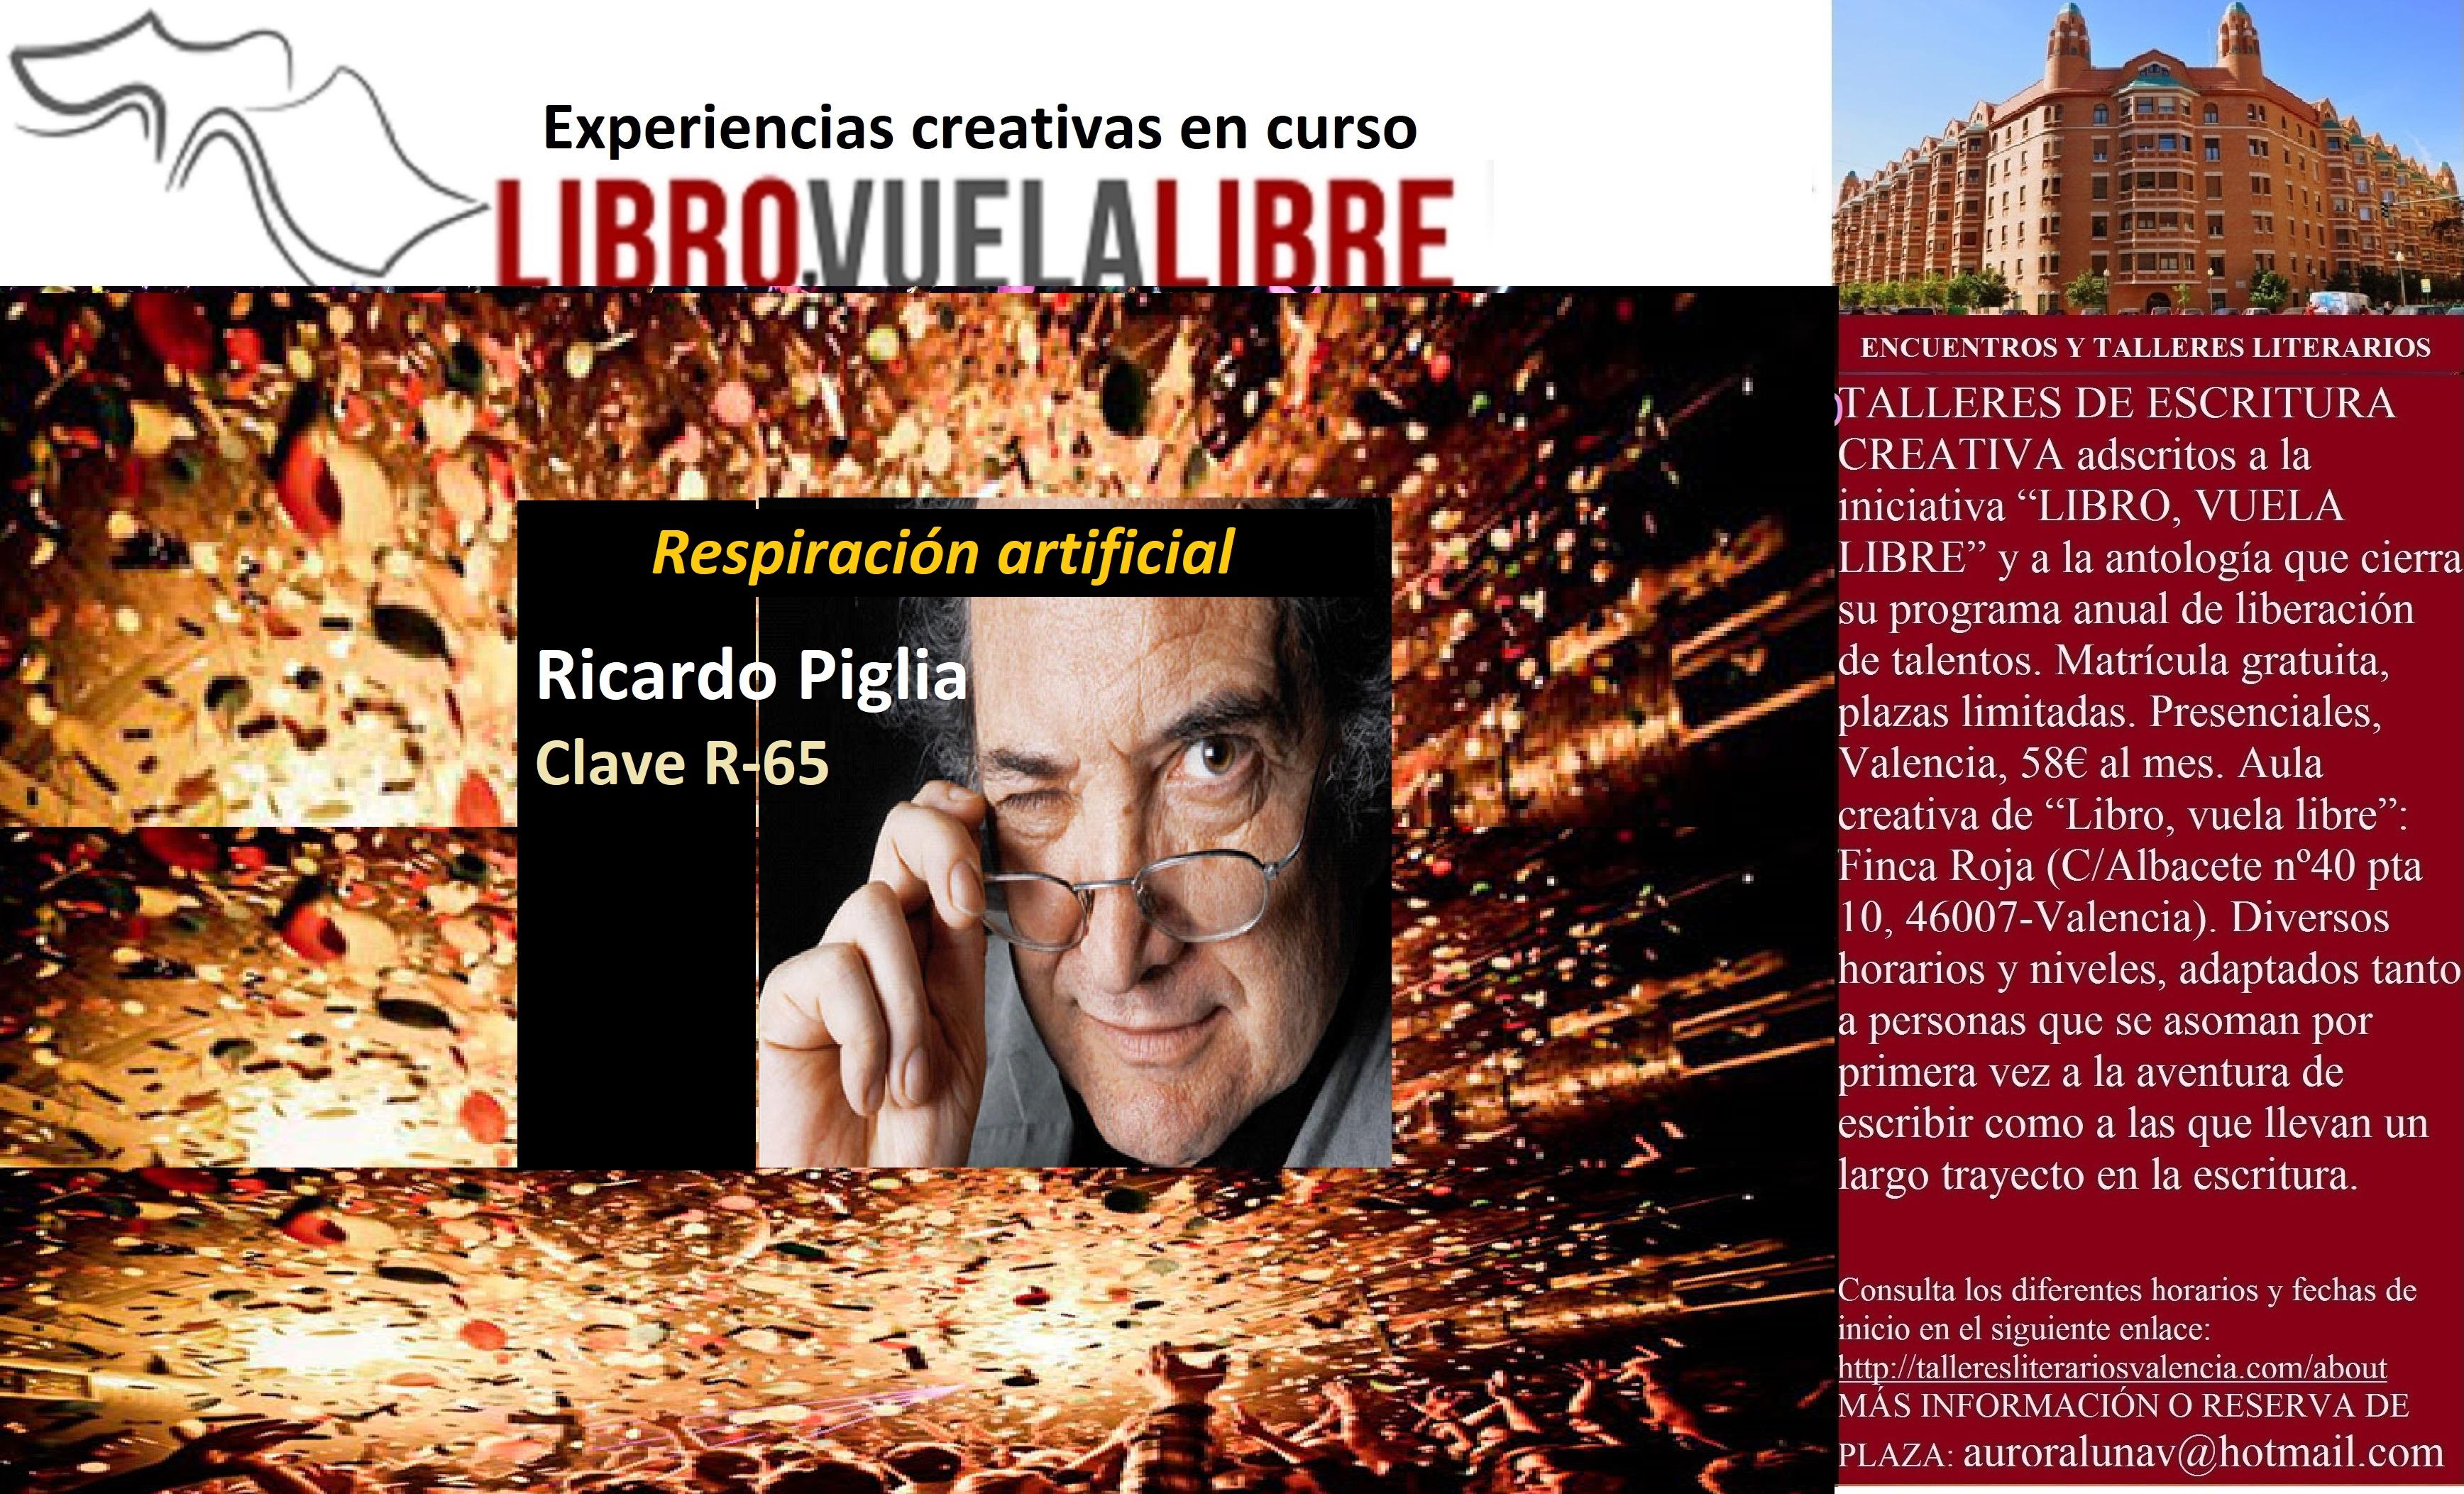 RICARDO PIGLIA. Taller de escritura, experiencias creativas en curso de la clave R-65